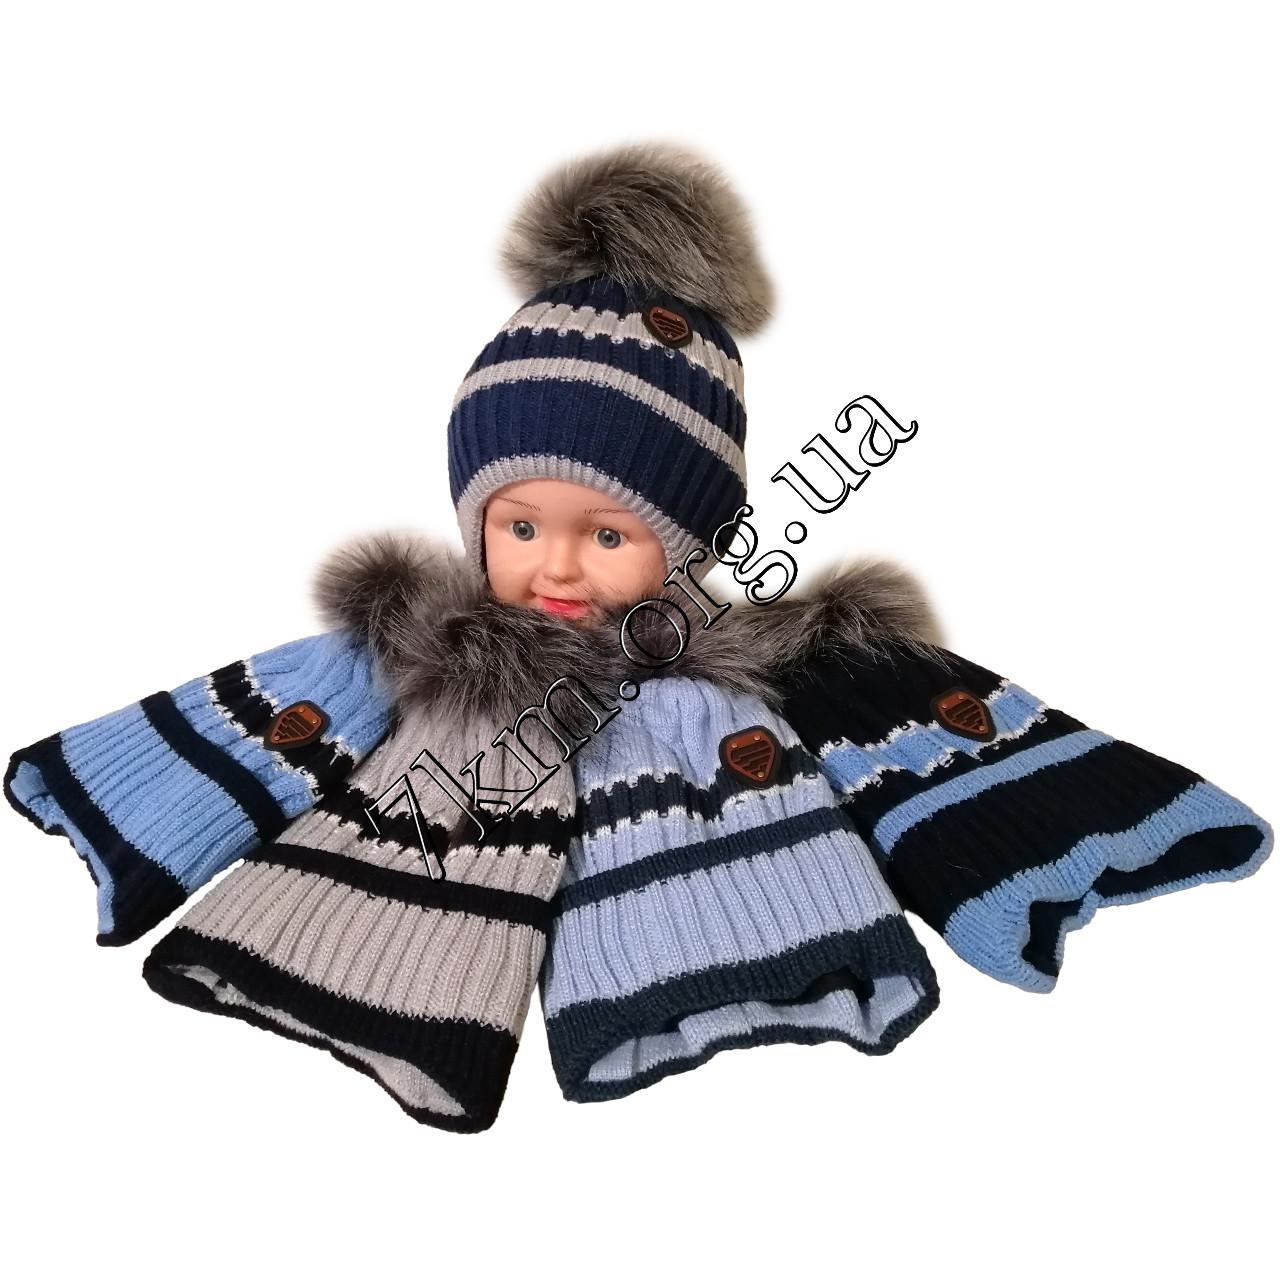 Шапка детская вязка +флис для мальчик 3-4 года Украина Оптом 7555